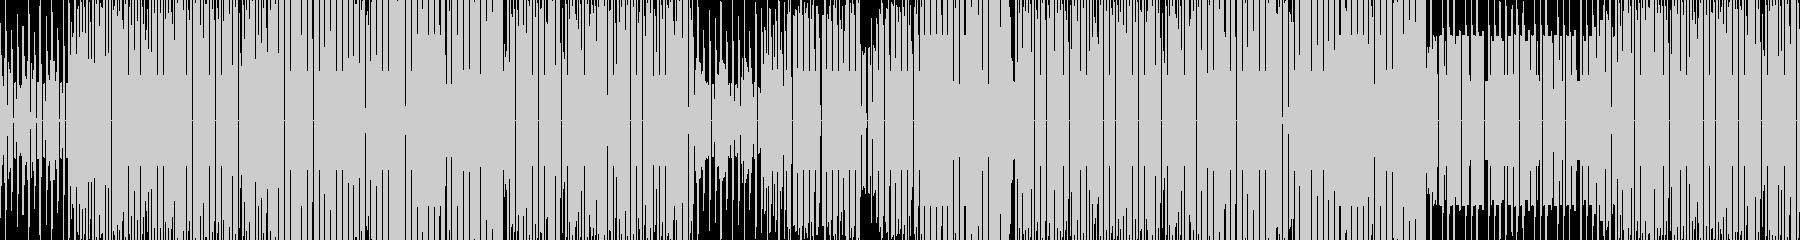 オープニングに最適なBGMの未再生の波形